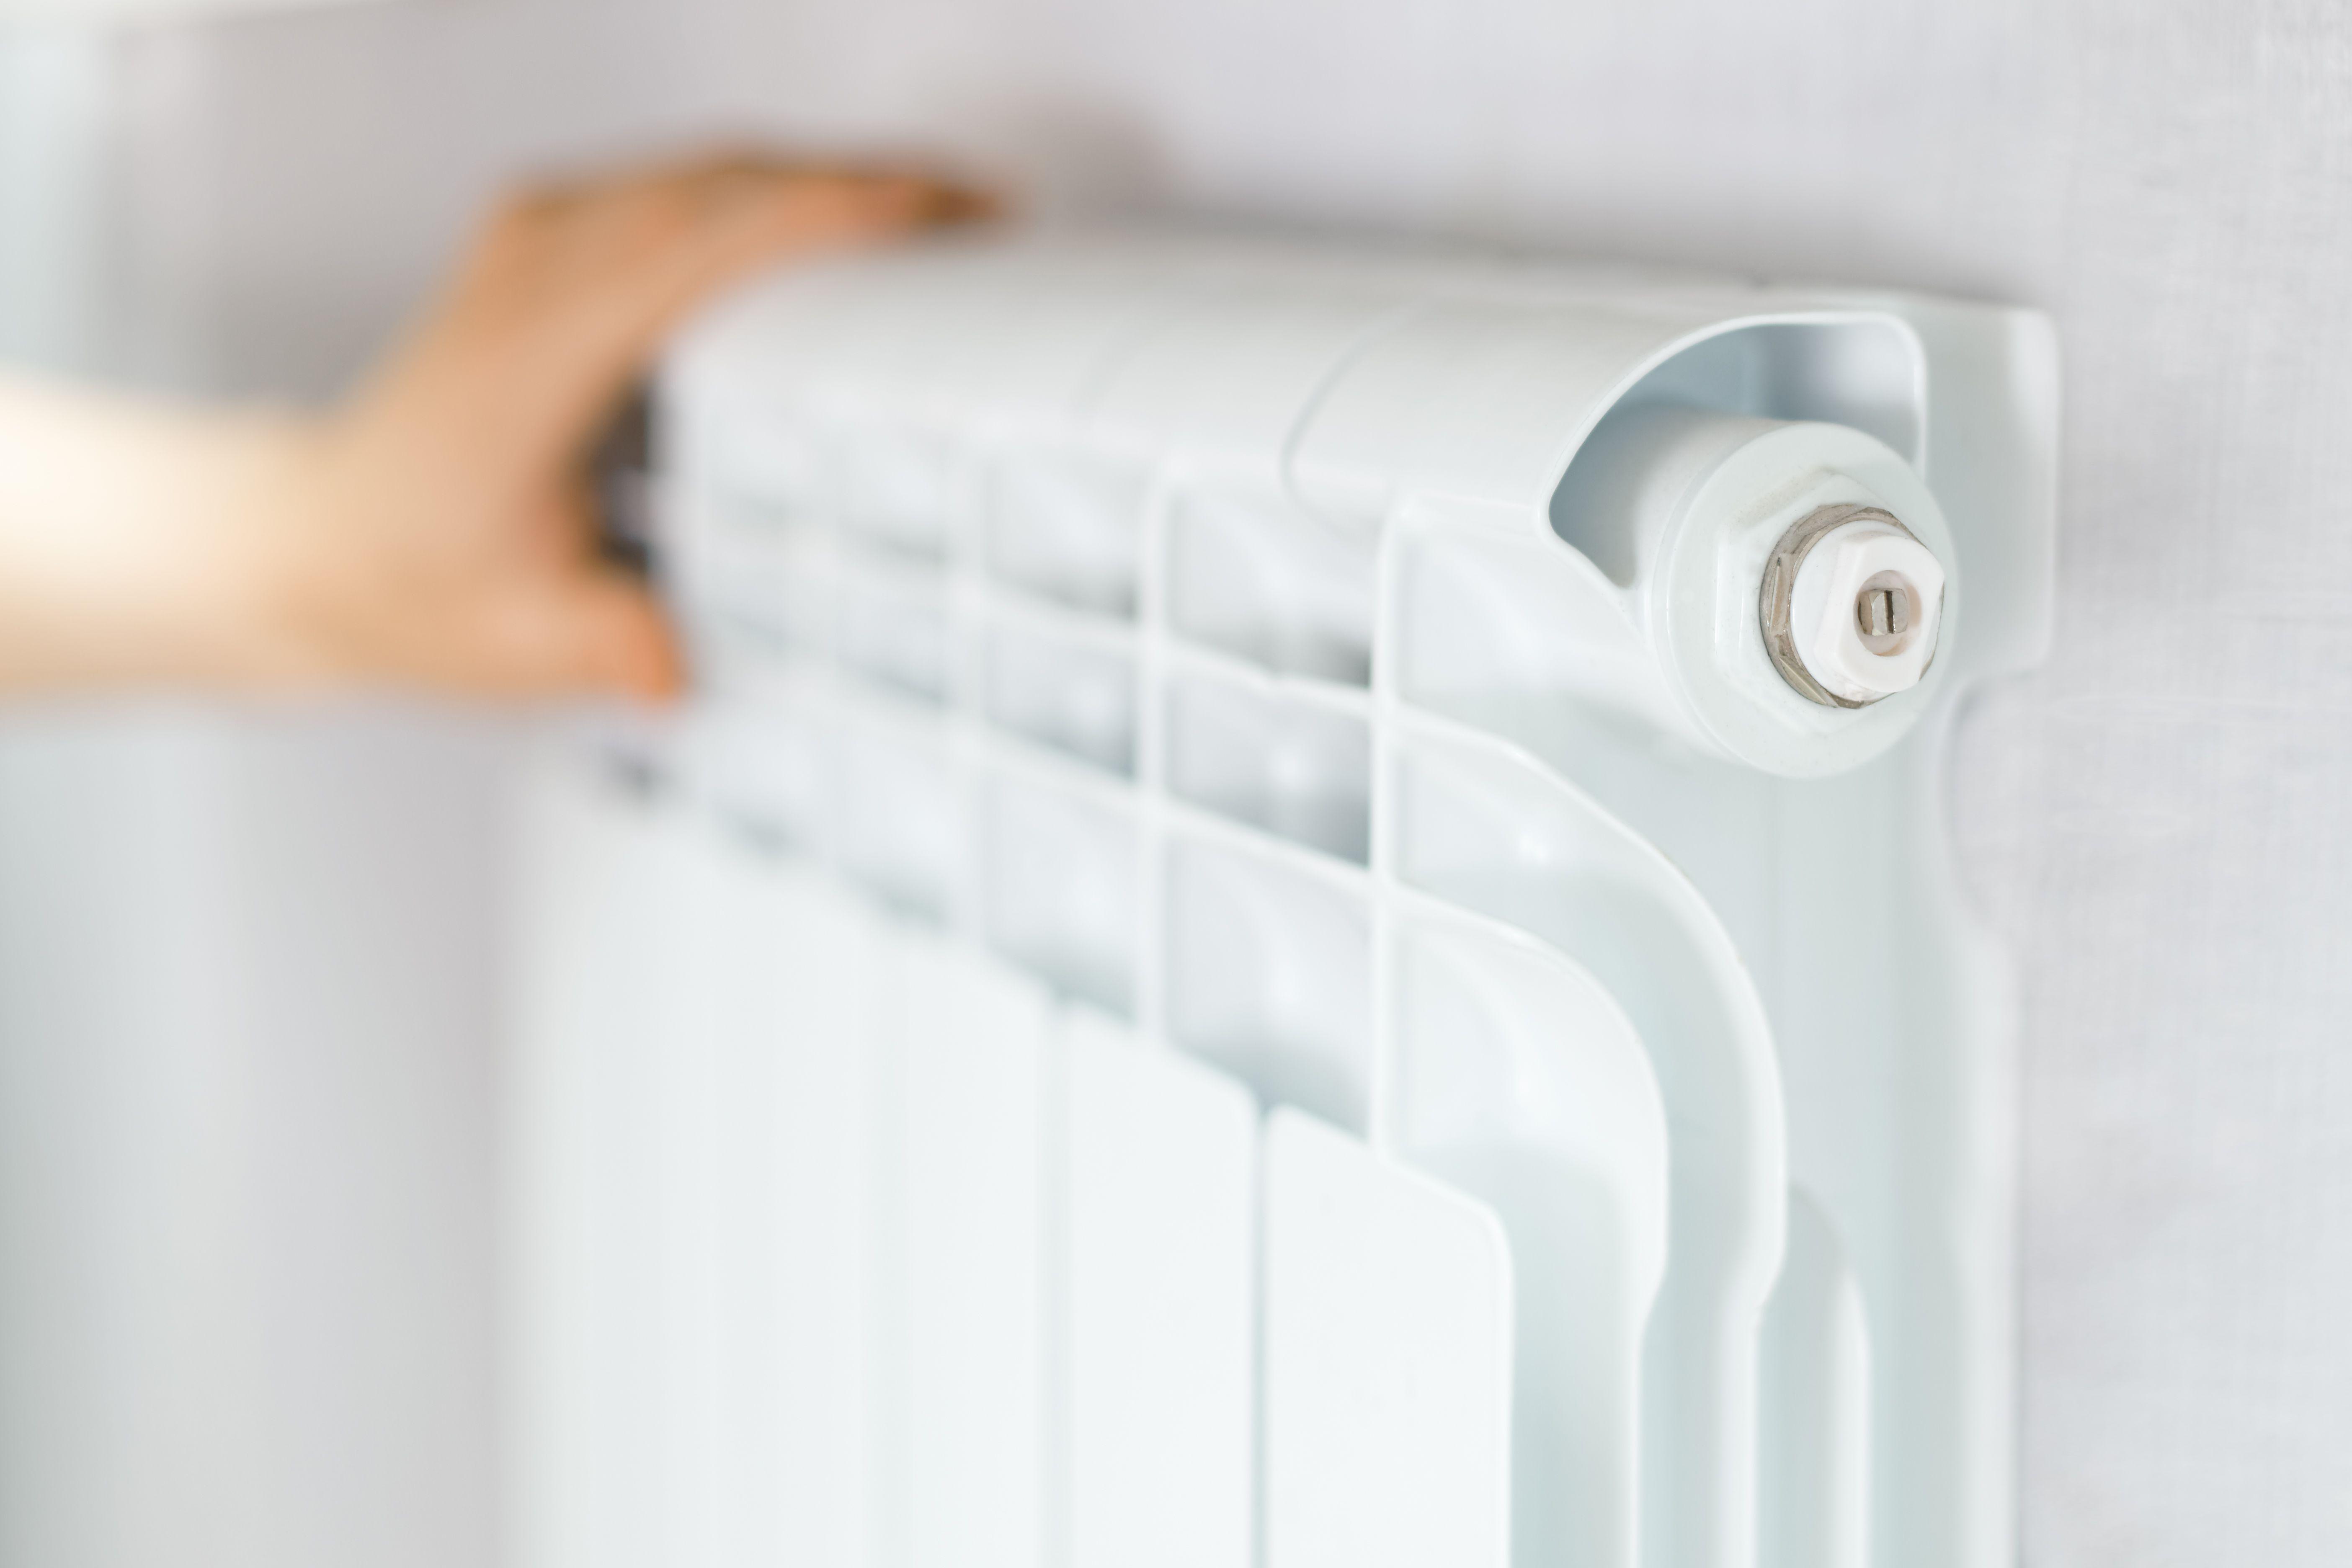 Reparto de gasóleo a domicilio para calefacción: Servicios de Combustibles Serra, S.L.